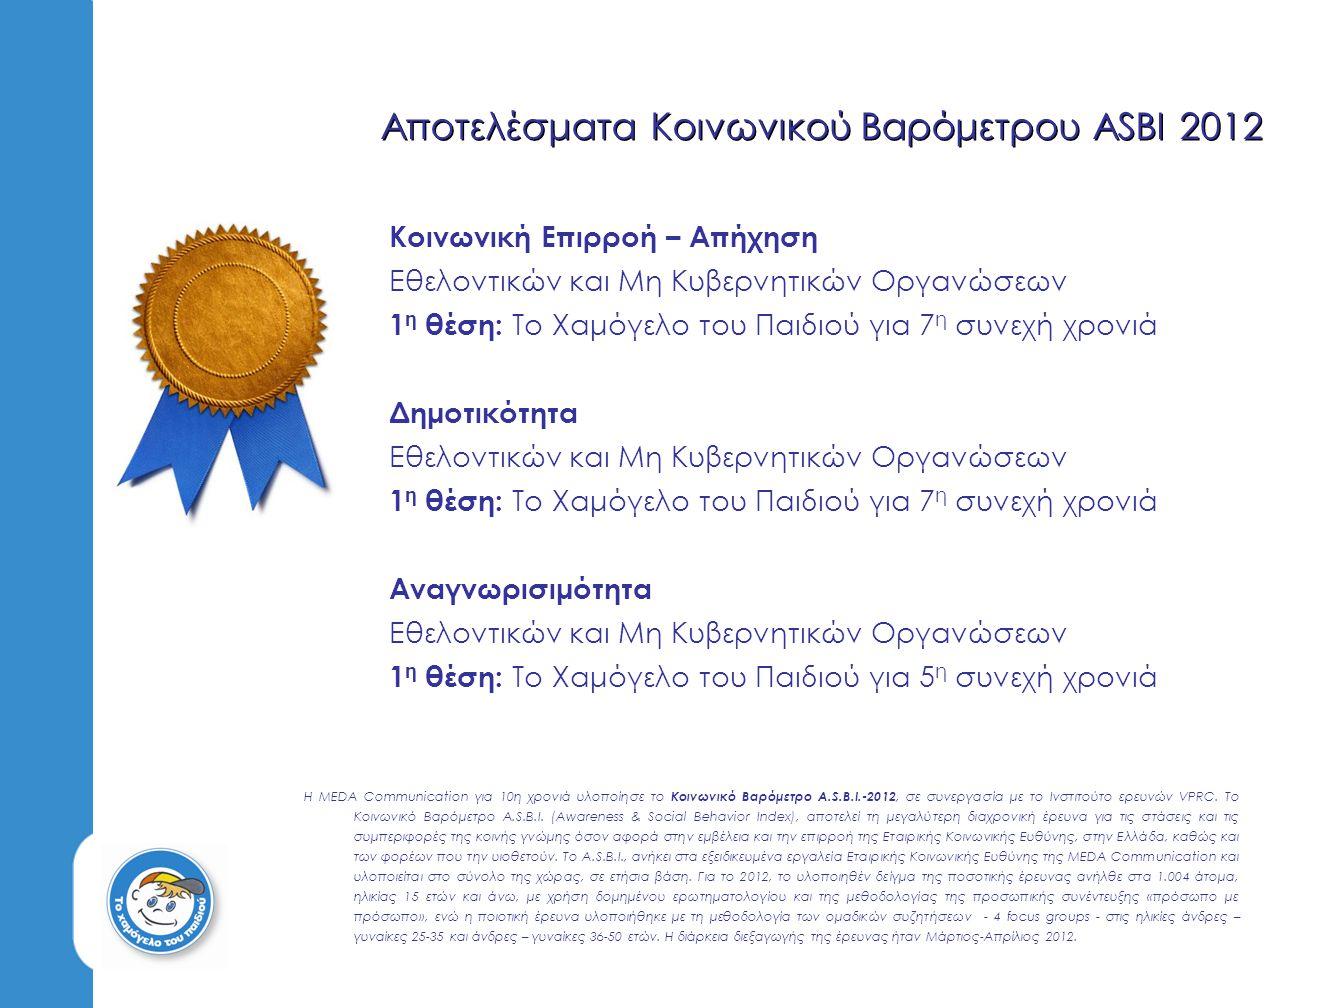 Αποτελέσματα Κοινωνικού Βαρόμετρου ASBI 2012